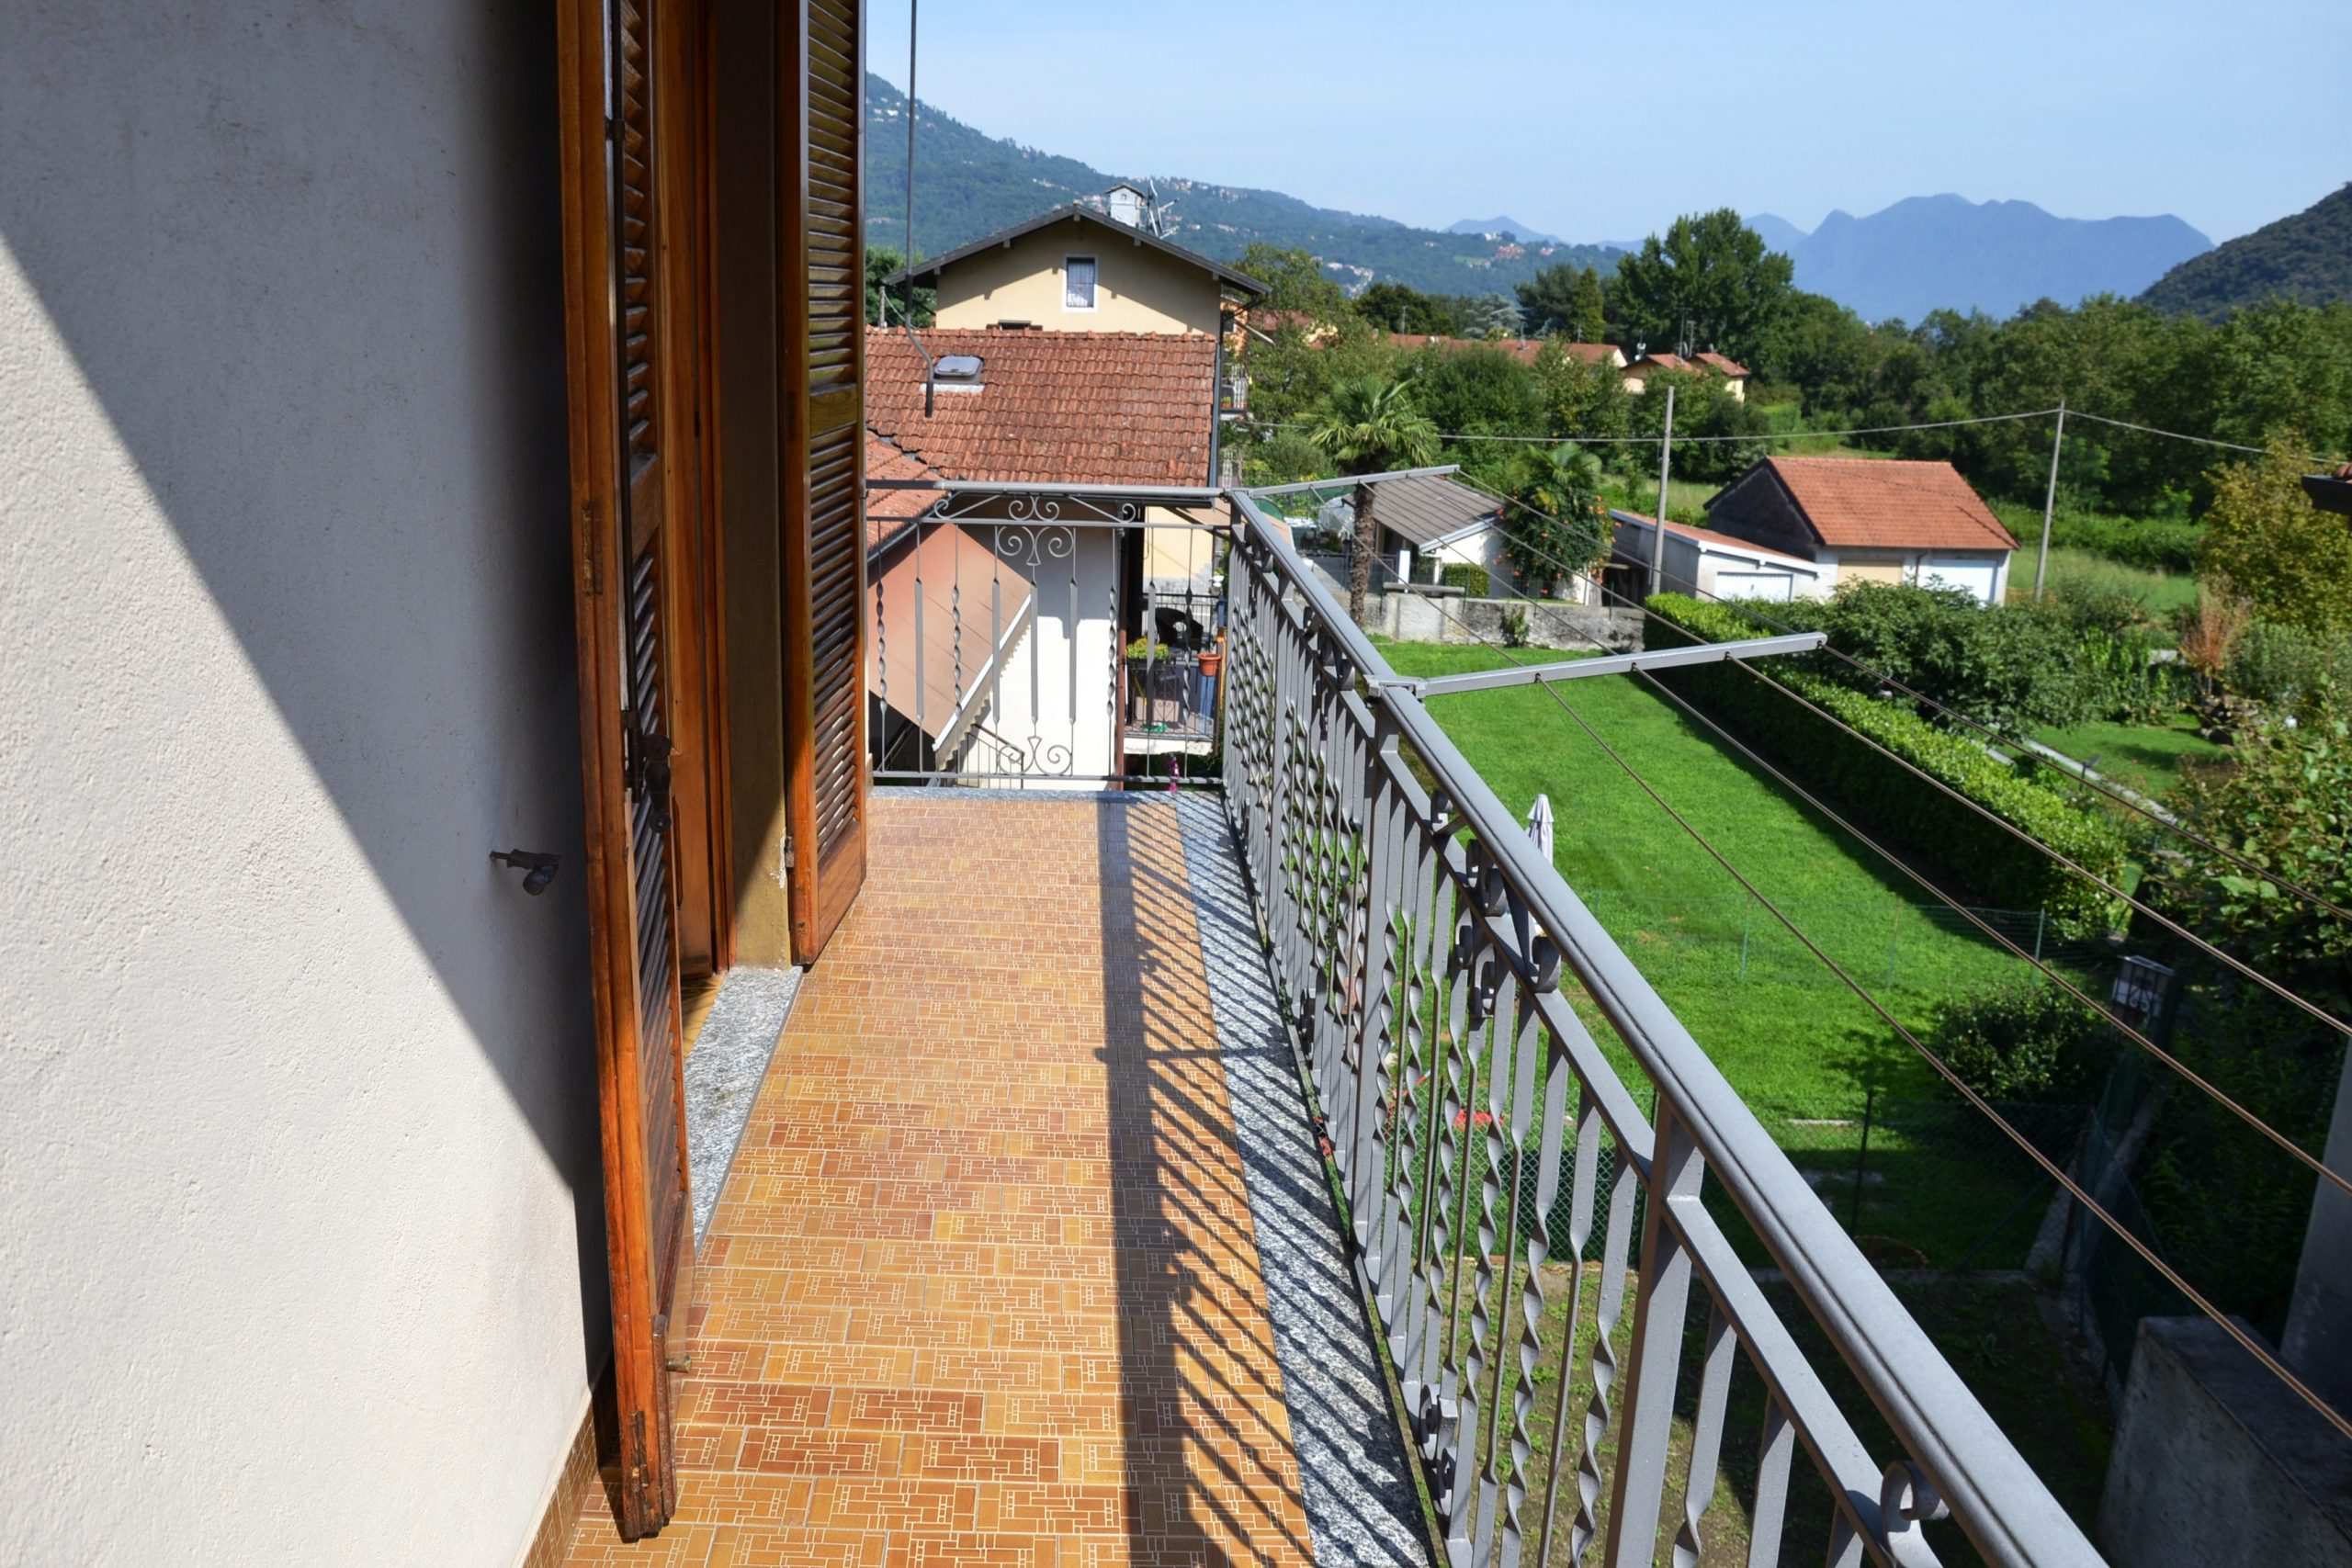 Foto Casa bifamigliare con box auto, terrazzo e cortile